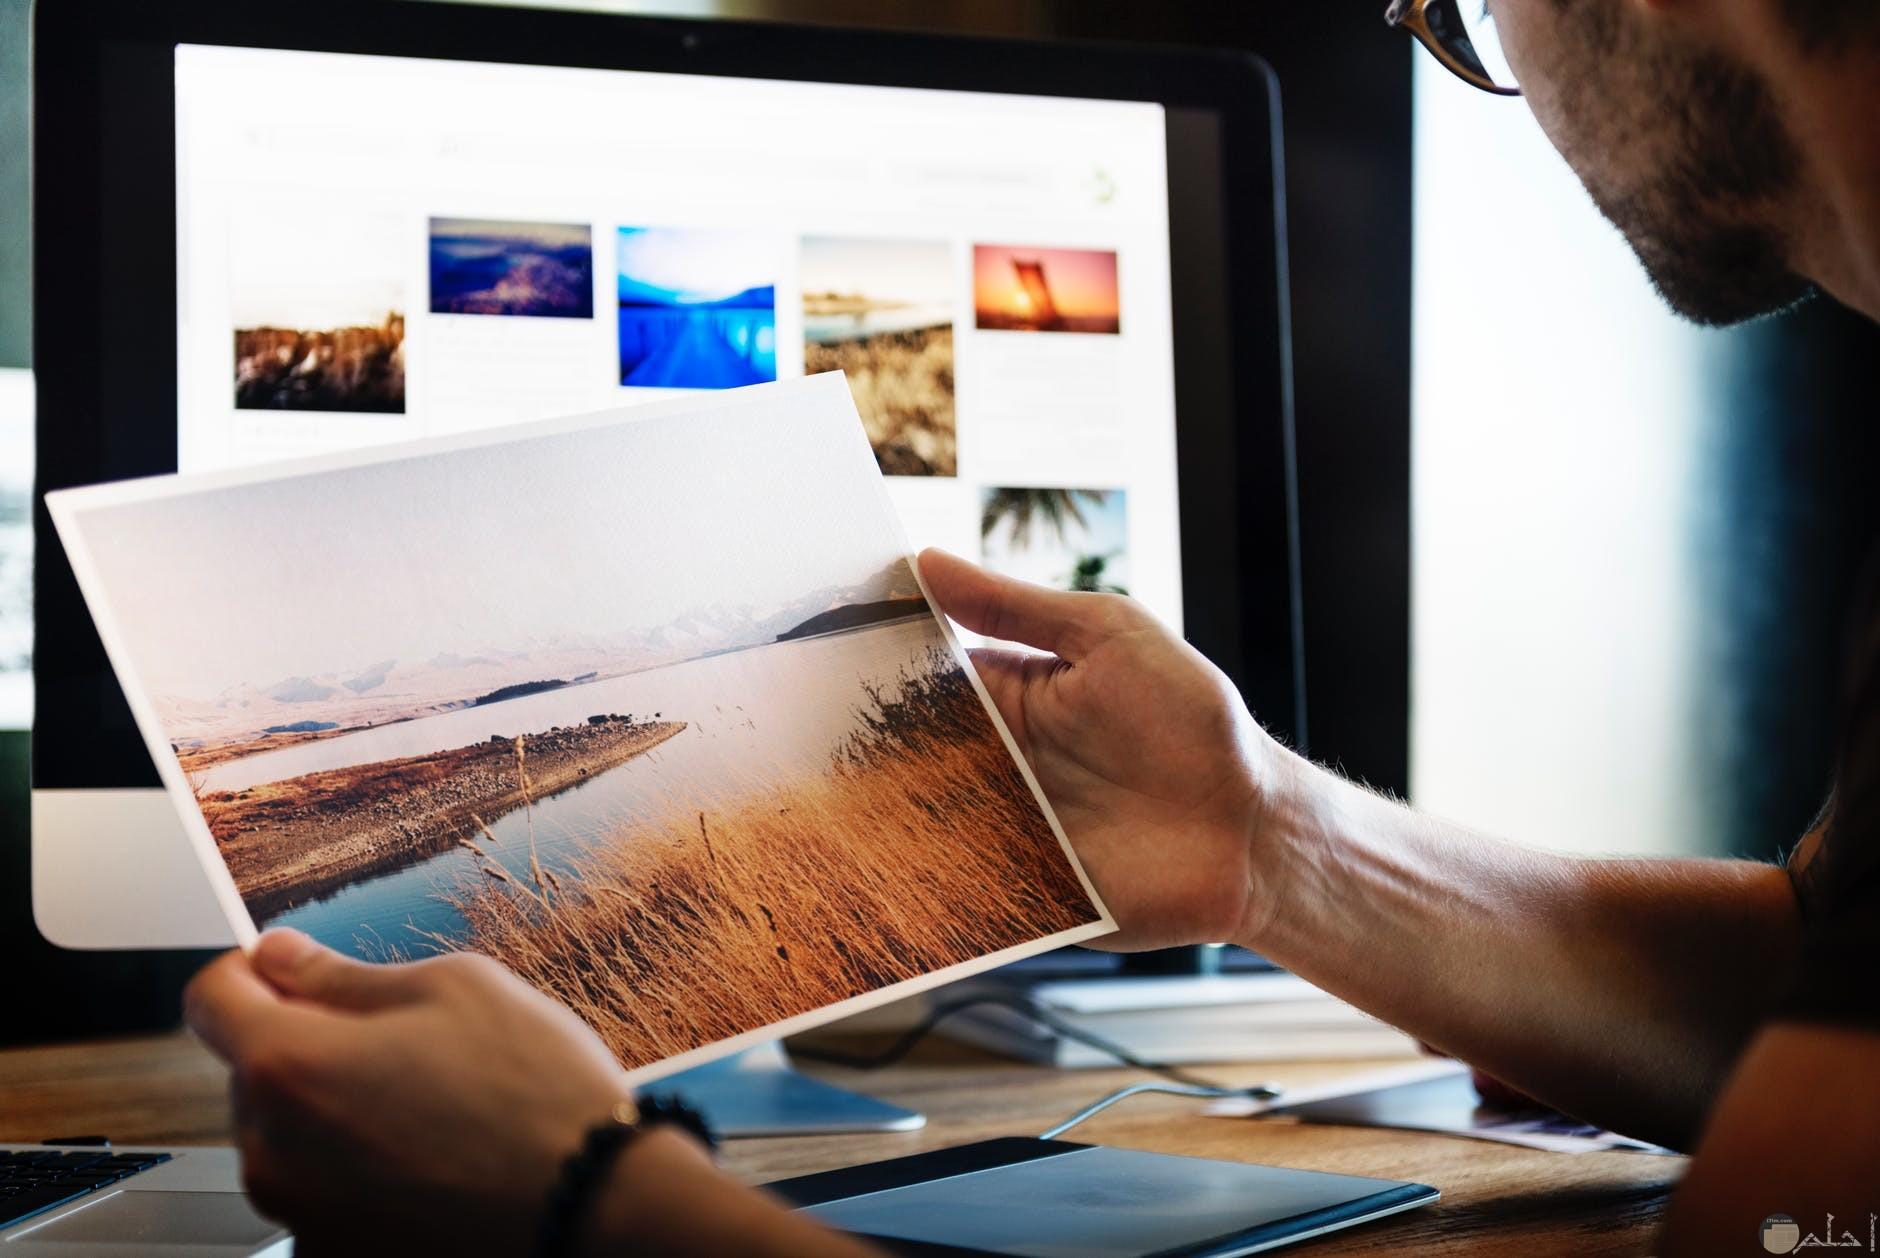 صوره شخص يفتح صور علي جوجل وقام بطبعها وبيده صوره مطبوعه